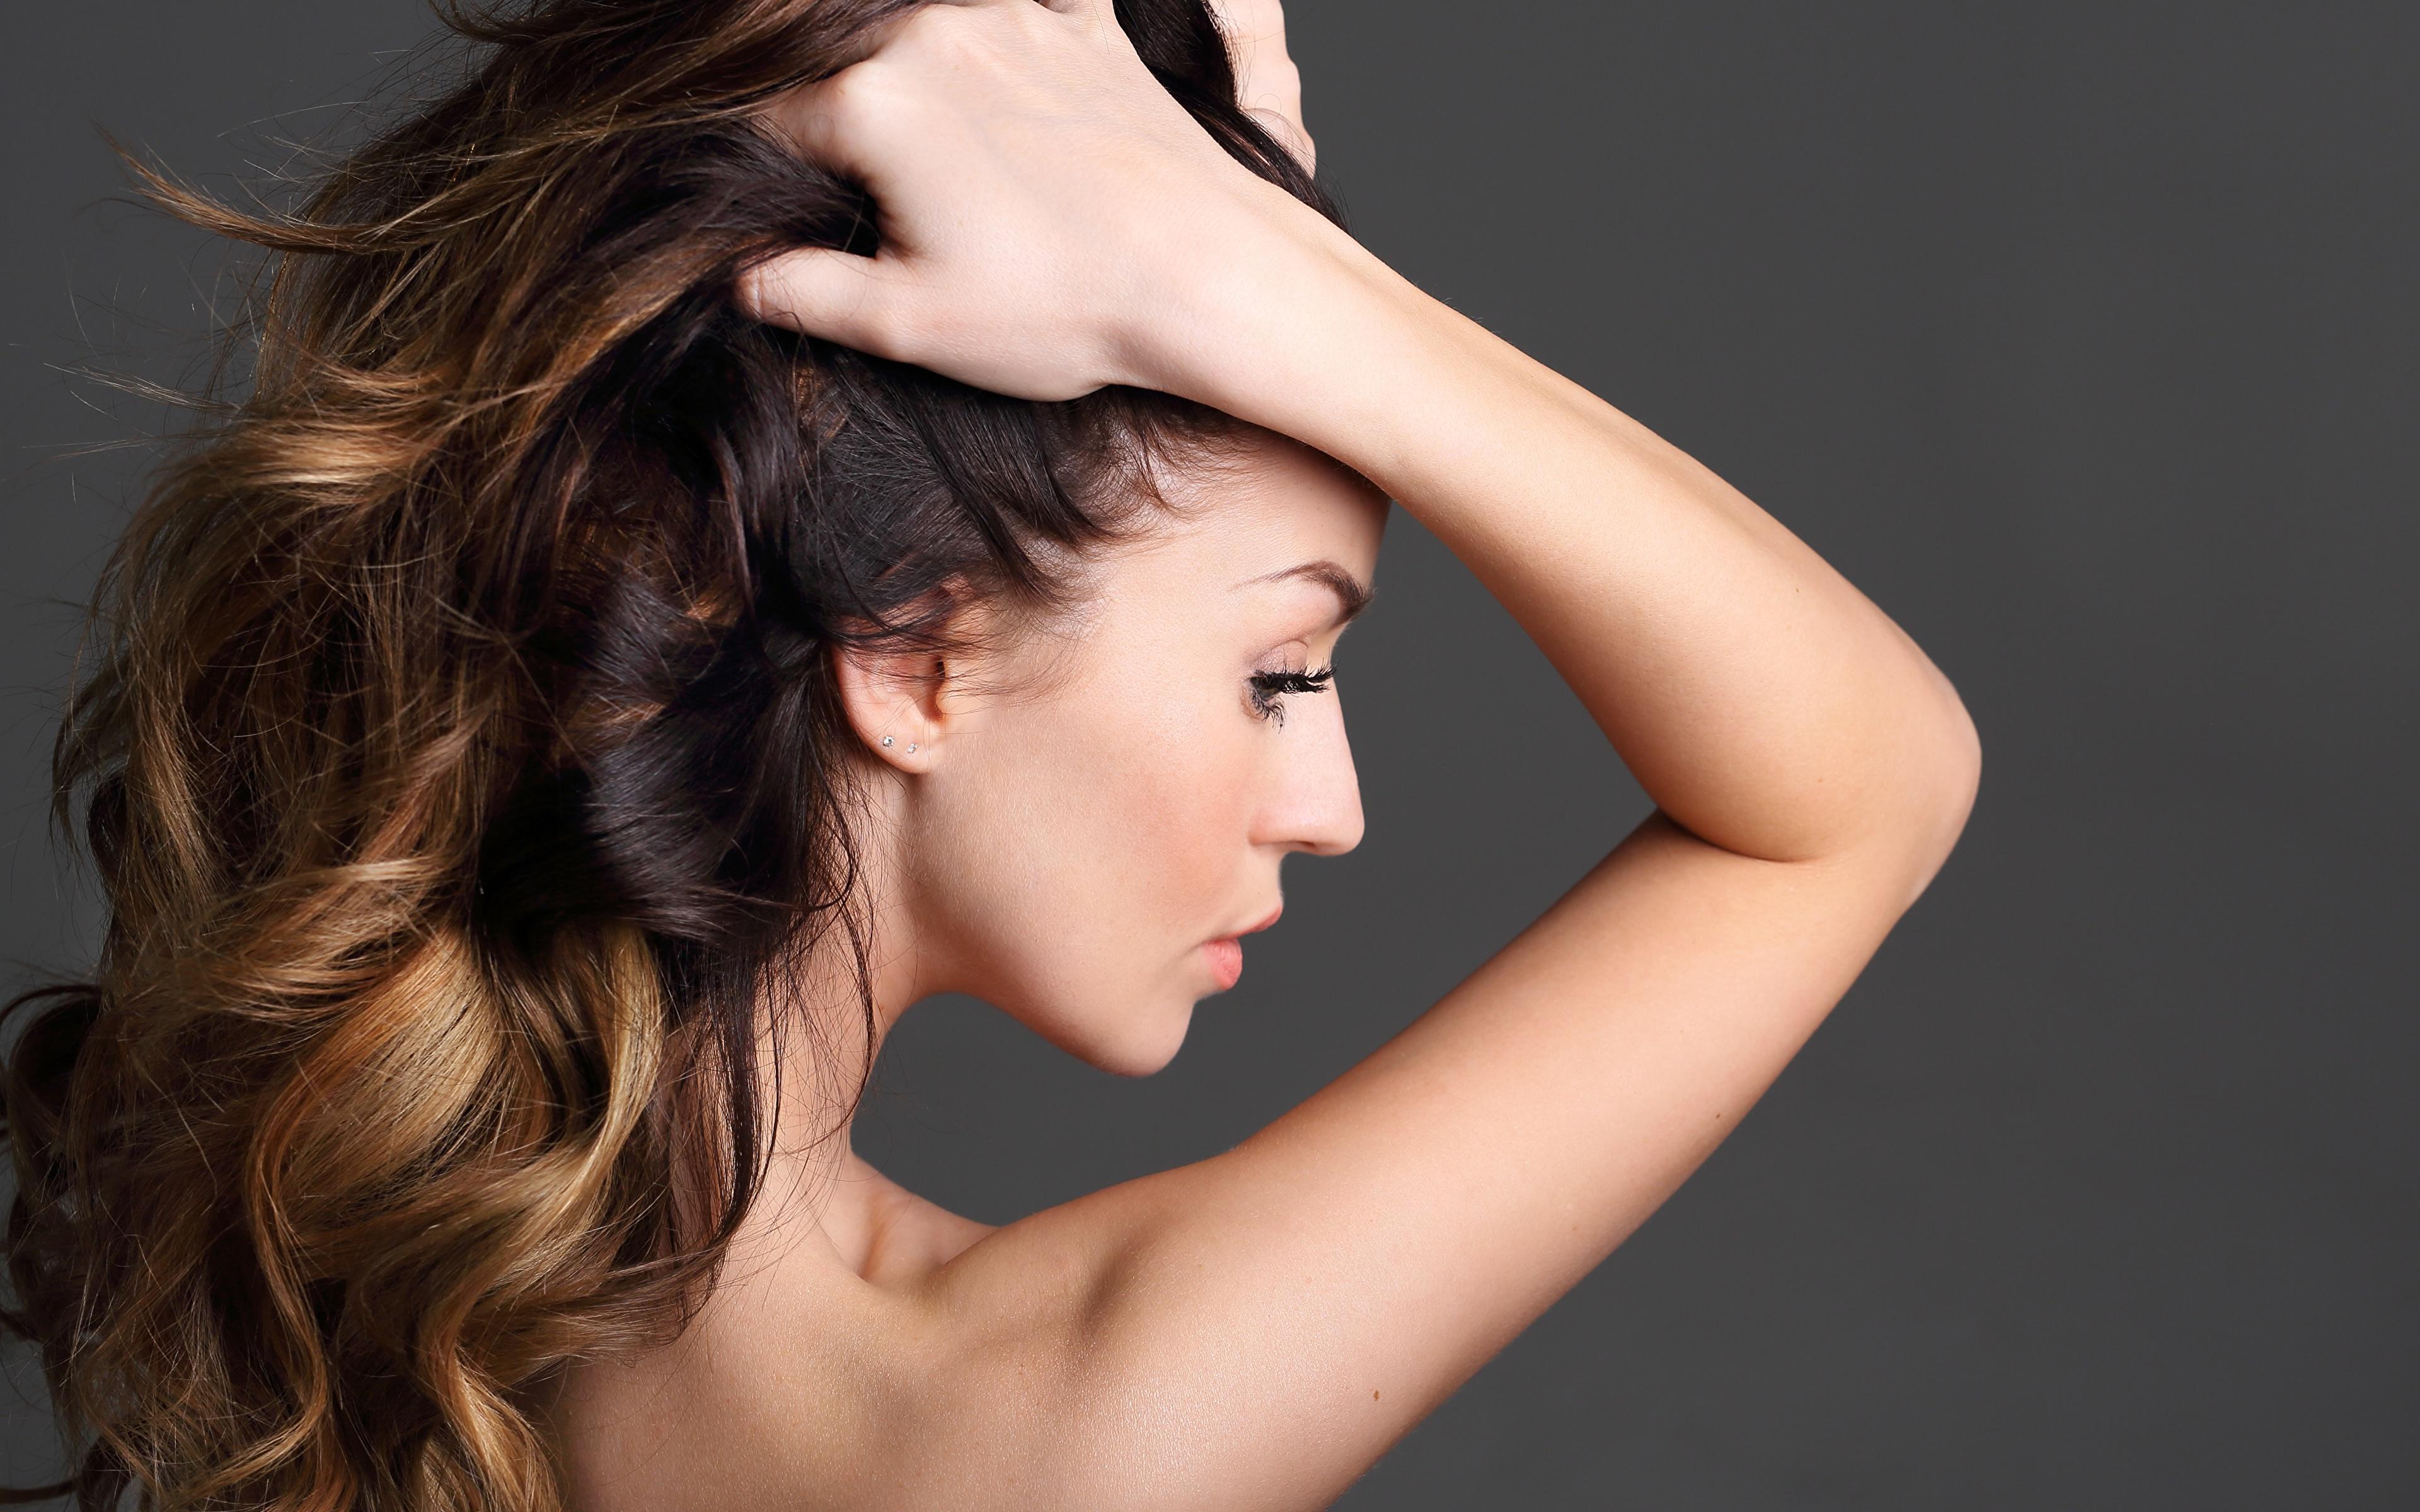 Fotos von Model Haar junge frau Hand Hinten Grauer Hintergrund 3840x2400 Mädchens junge Frauen